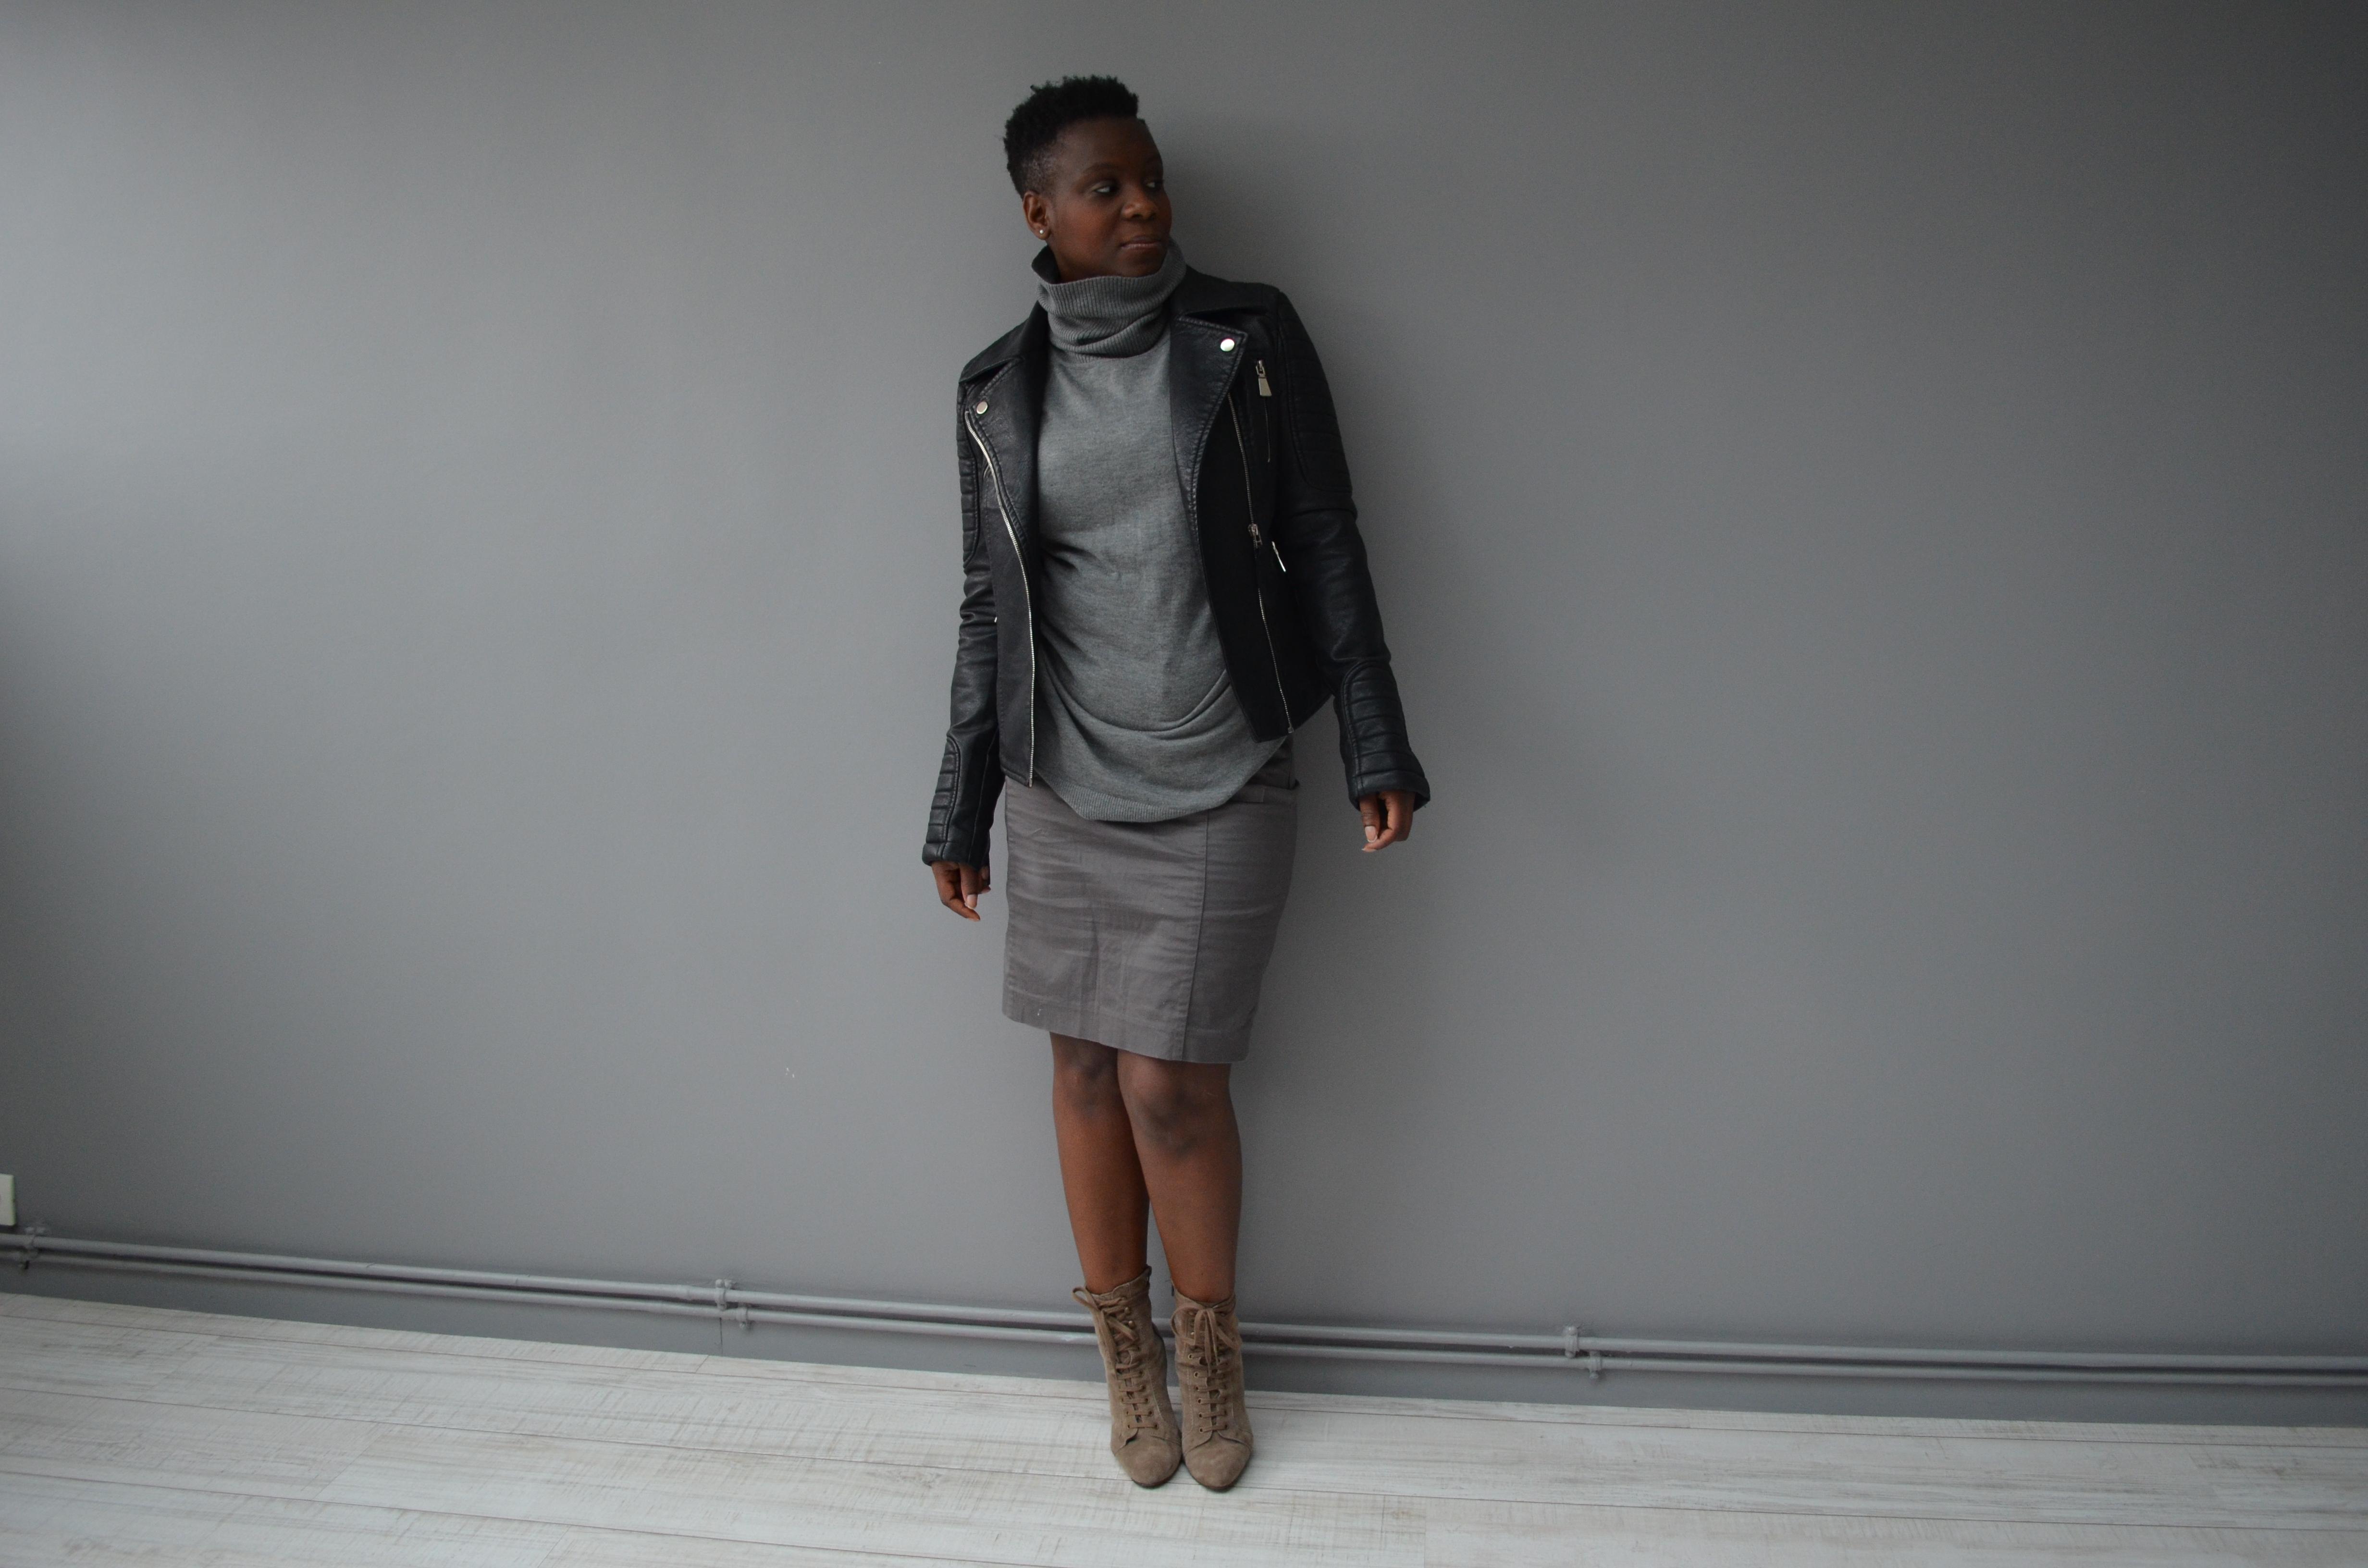 comment-s'habiller-avec-style